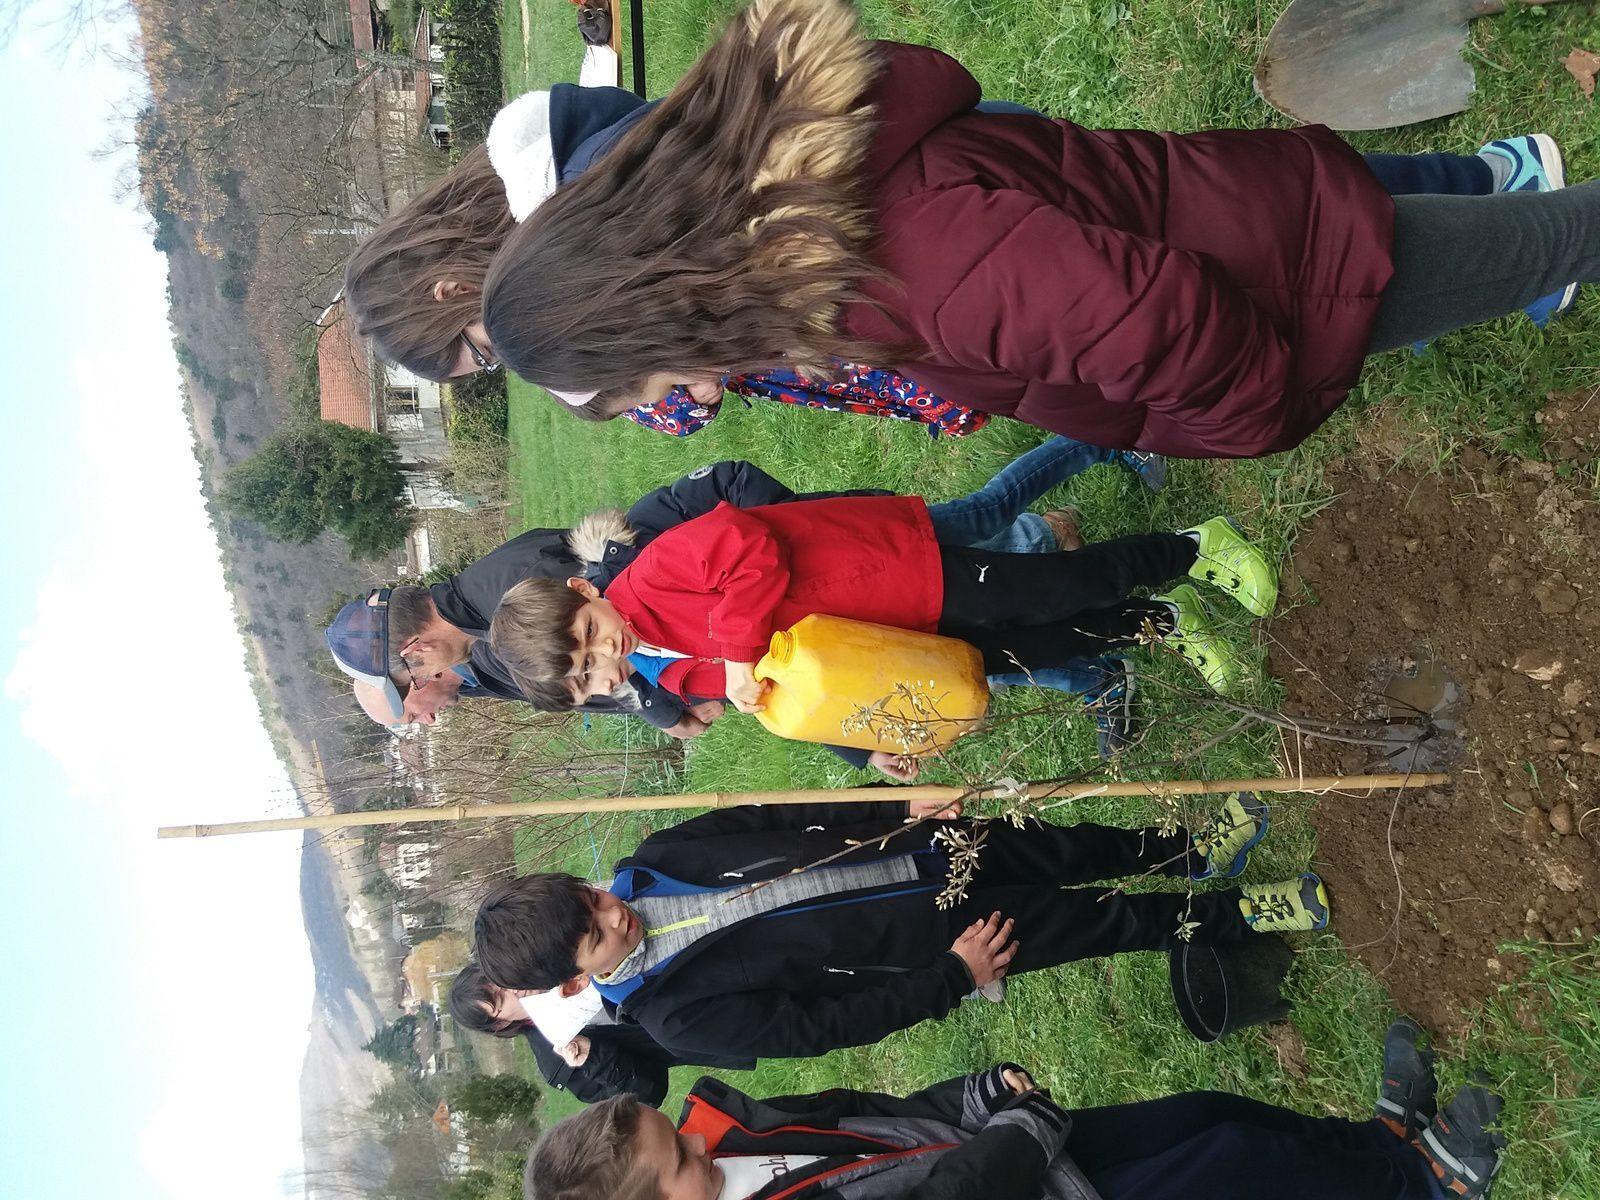 Lundi après-midi, une quarantaine d'élèves des classes de CM1 & CM2 de l'école de Brison St Innocent, coachés par les élèves de 6e du collège Garibaldi, ont planté un amélanchier du Canada. Quelques uns d'entre eux ont lu les poèmes japonais très courts (haïku) qu'ils avaient composés pour cette manifestation bien sympathique. Suivait un jeu de piste pour tous permettant aux enfants de s'égailler dans le jardin.